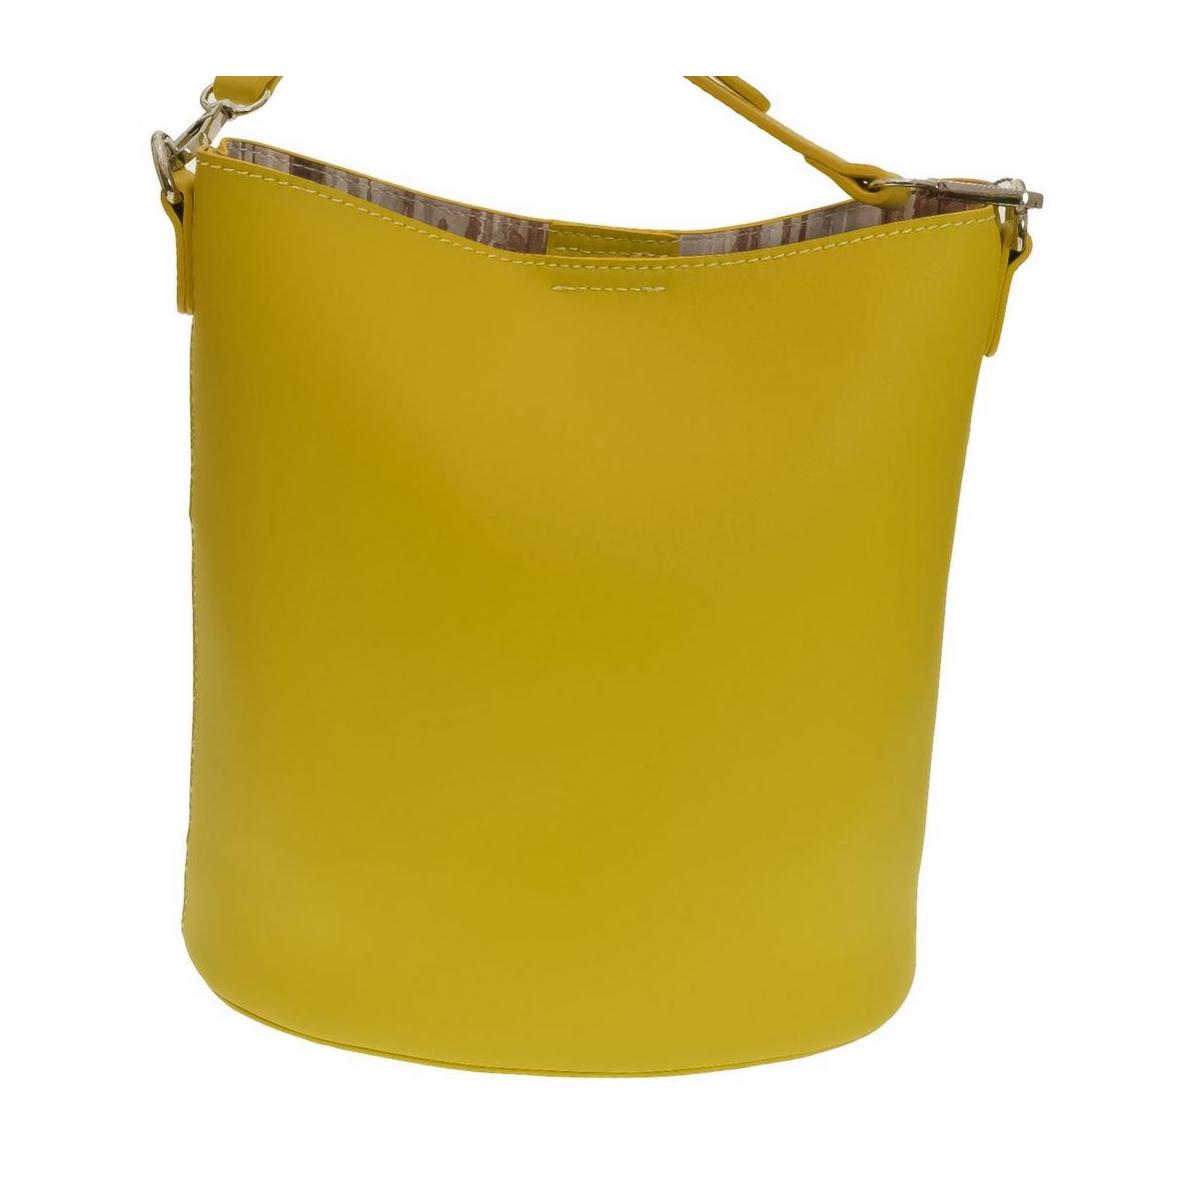 d38981f45 Dámska žltá kabelka INDI | Johnc.sk